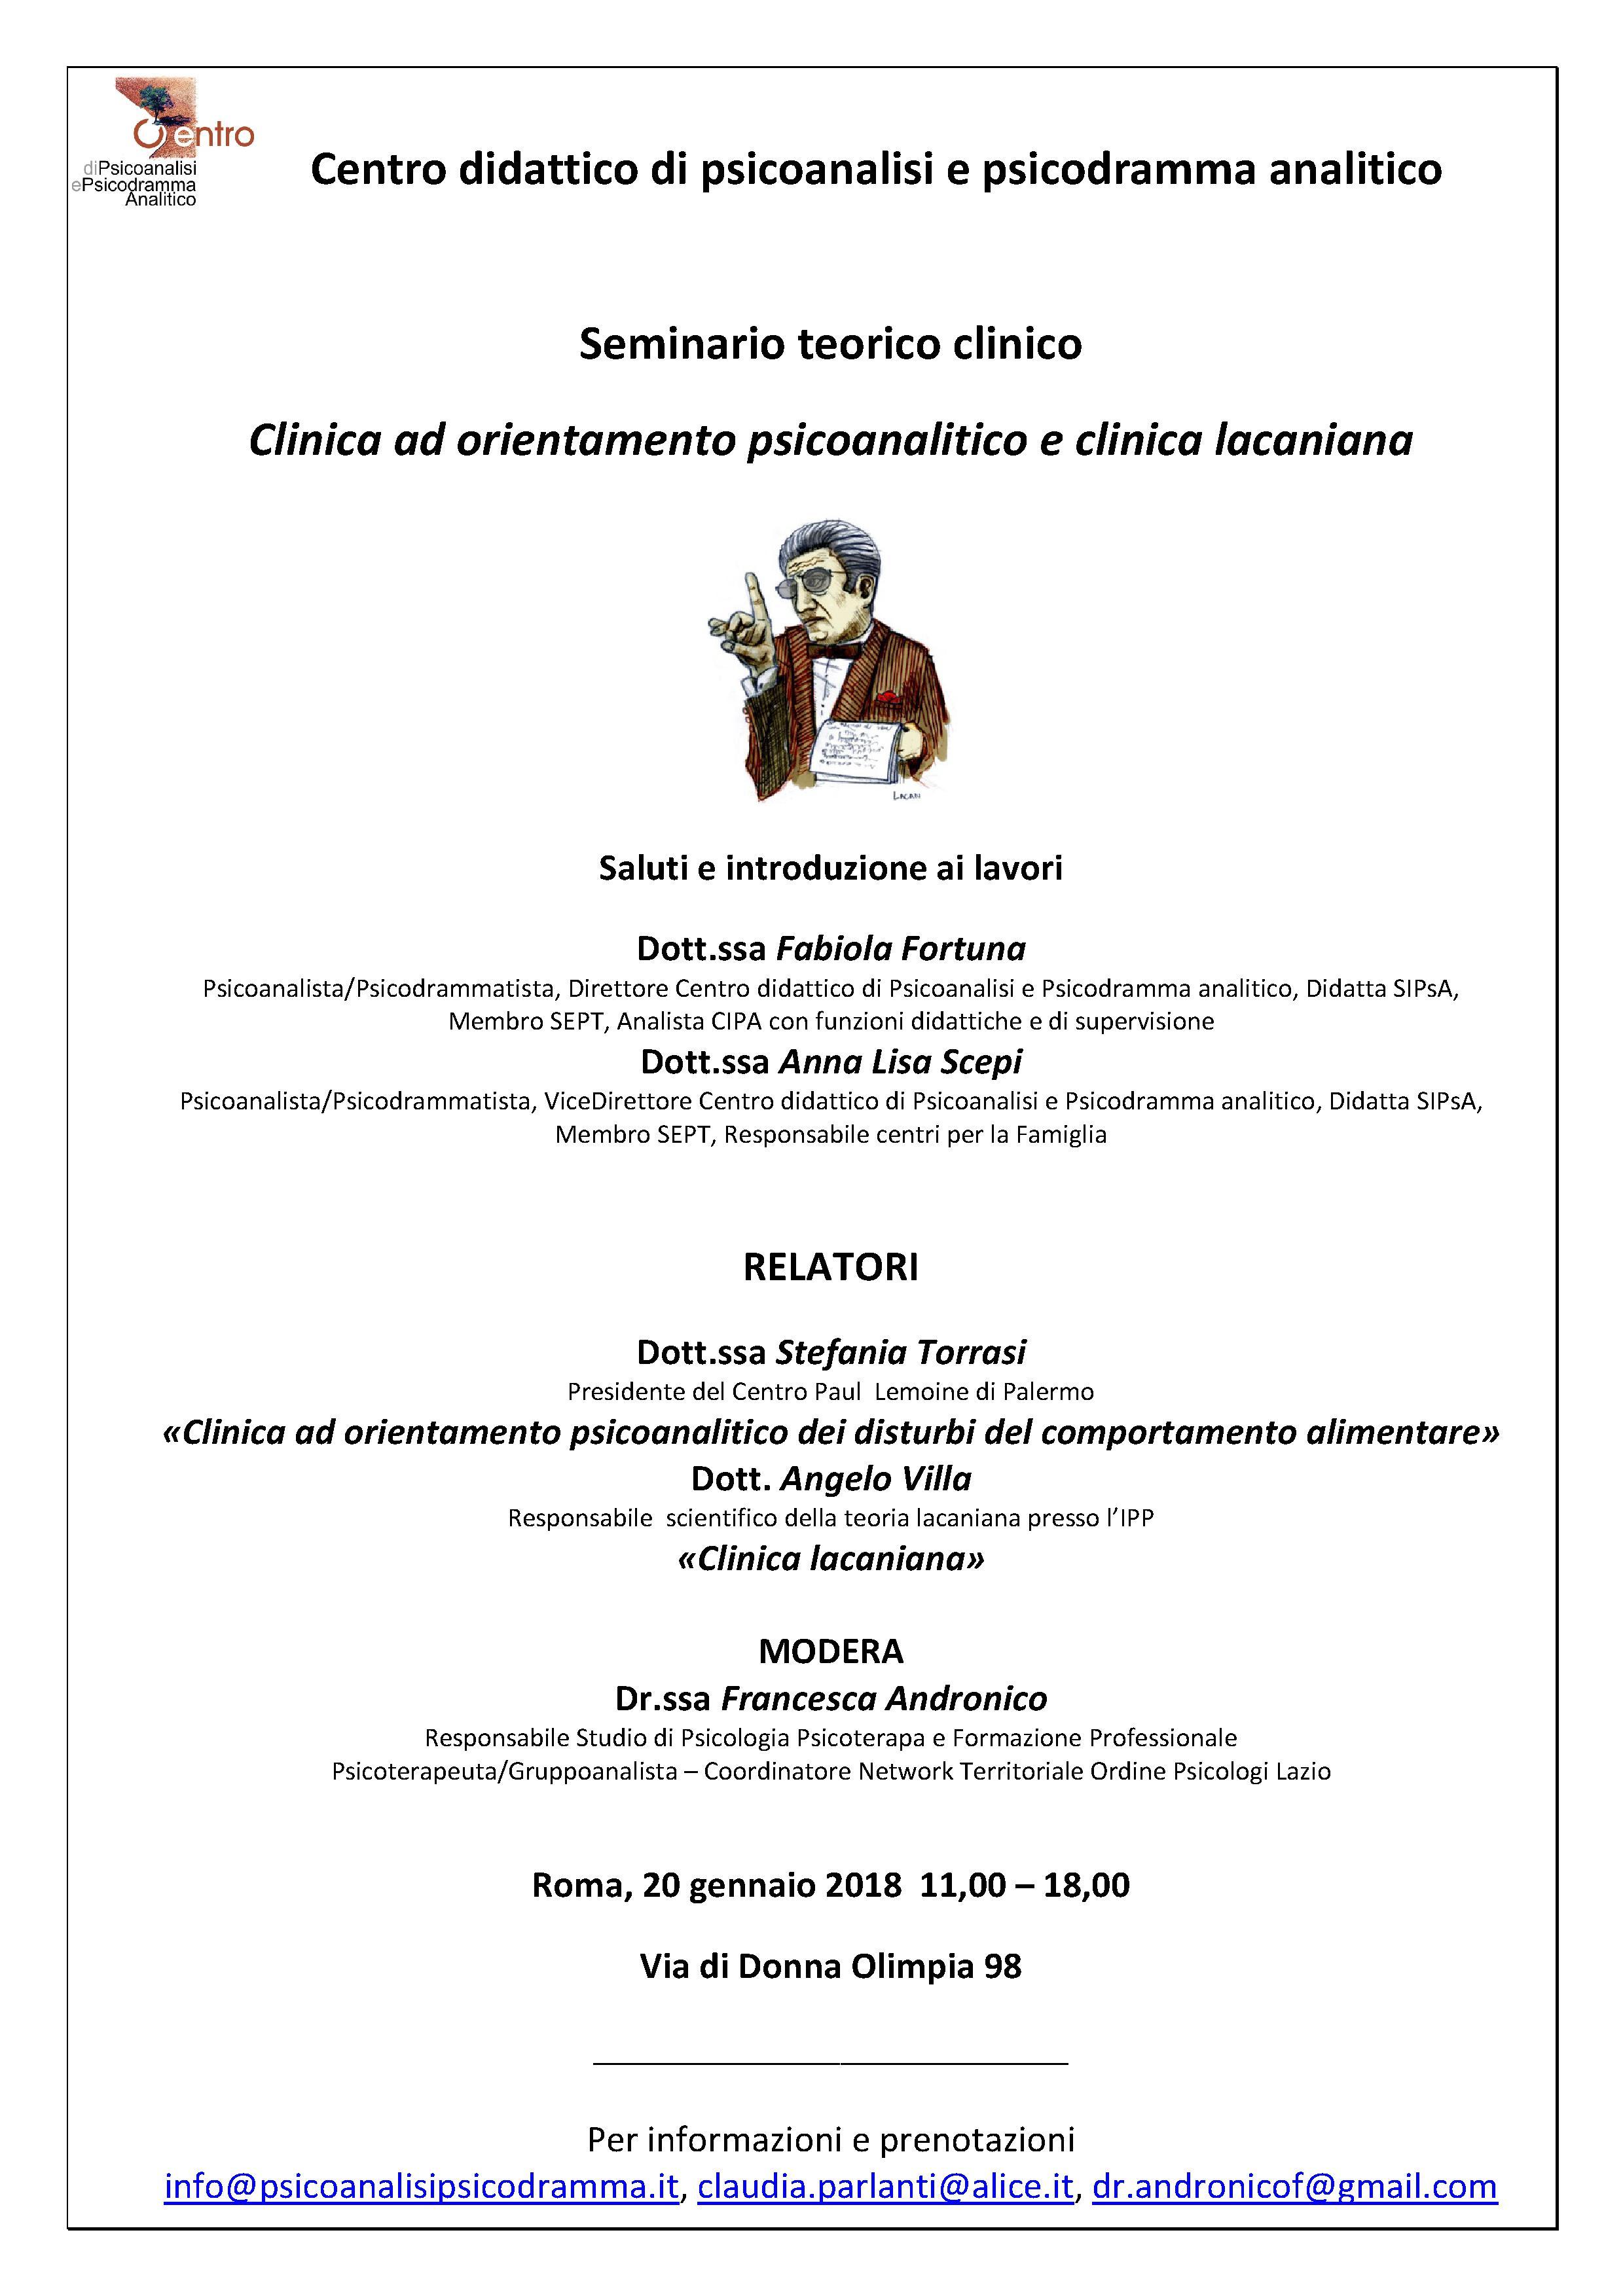 """SEMINARIO TEORICO-CLINICO – """"Clinica ad orientamento psicoanalitico e clinica lacaniana"""""""